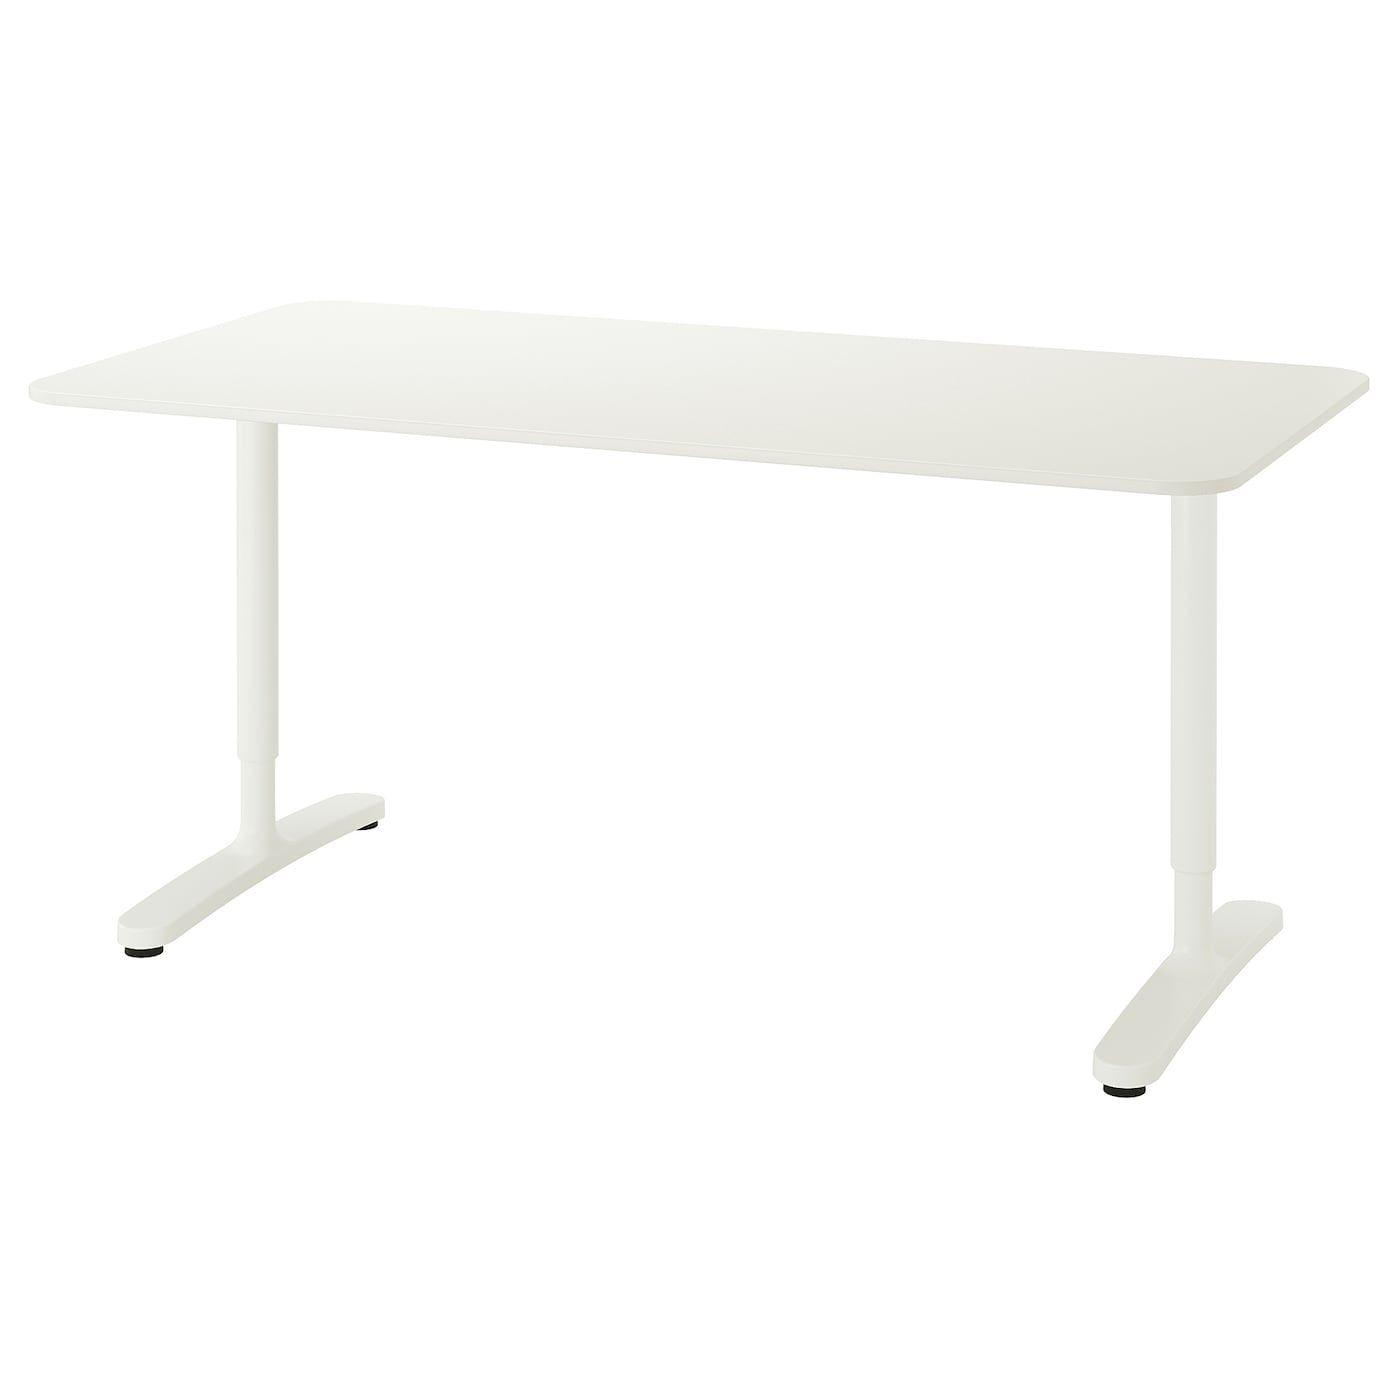 Bekant Desk White 63x31 1 2 Ikea In 2020 White Desks Ikea Bekant Ikea Bekant Desk